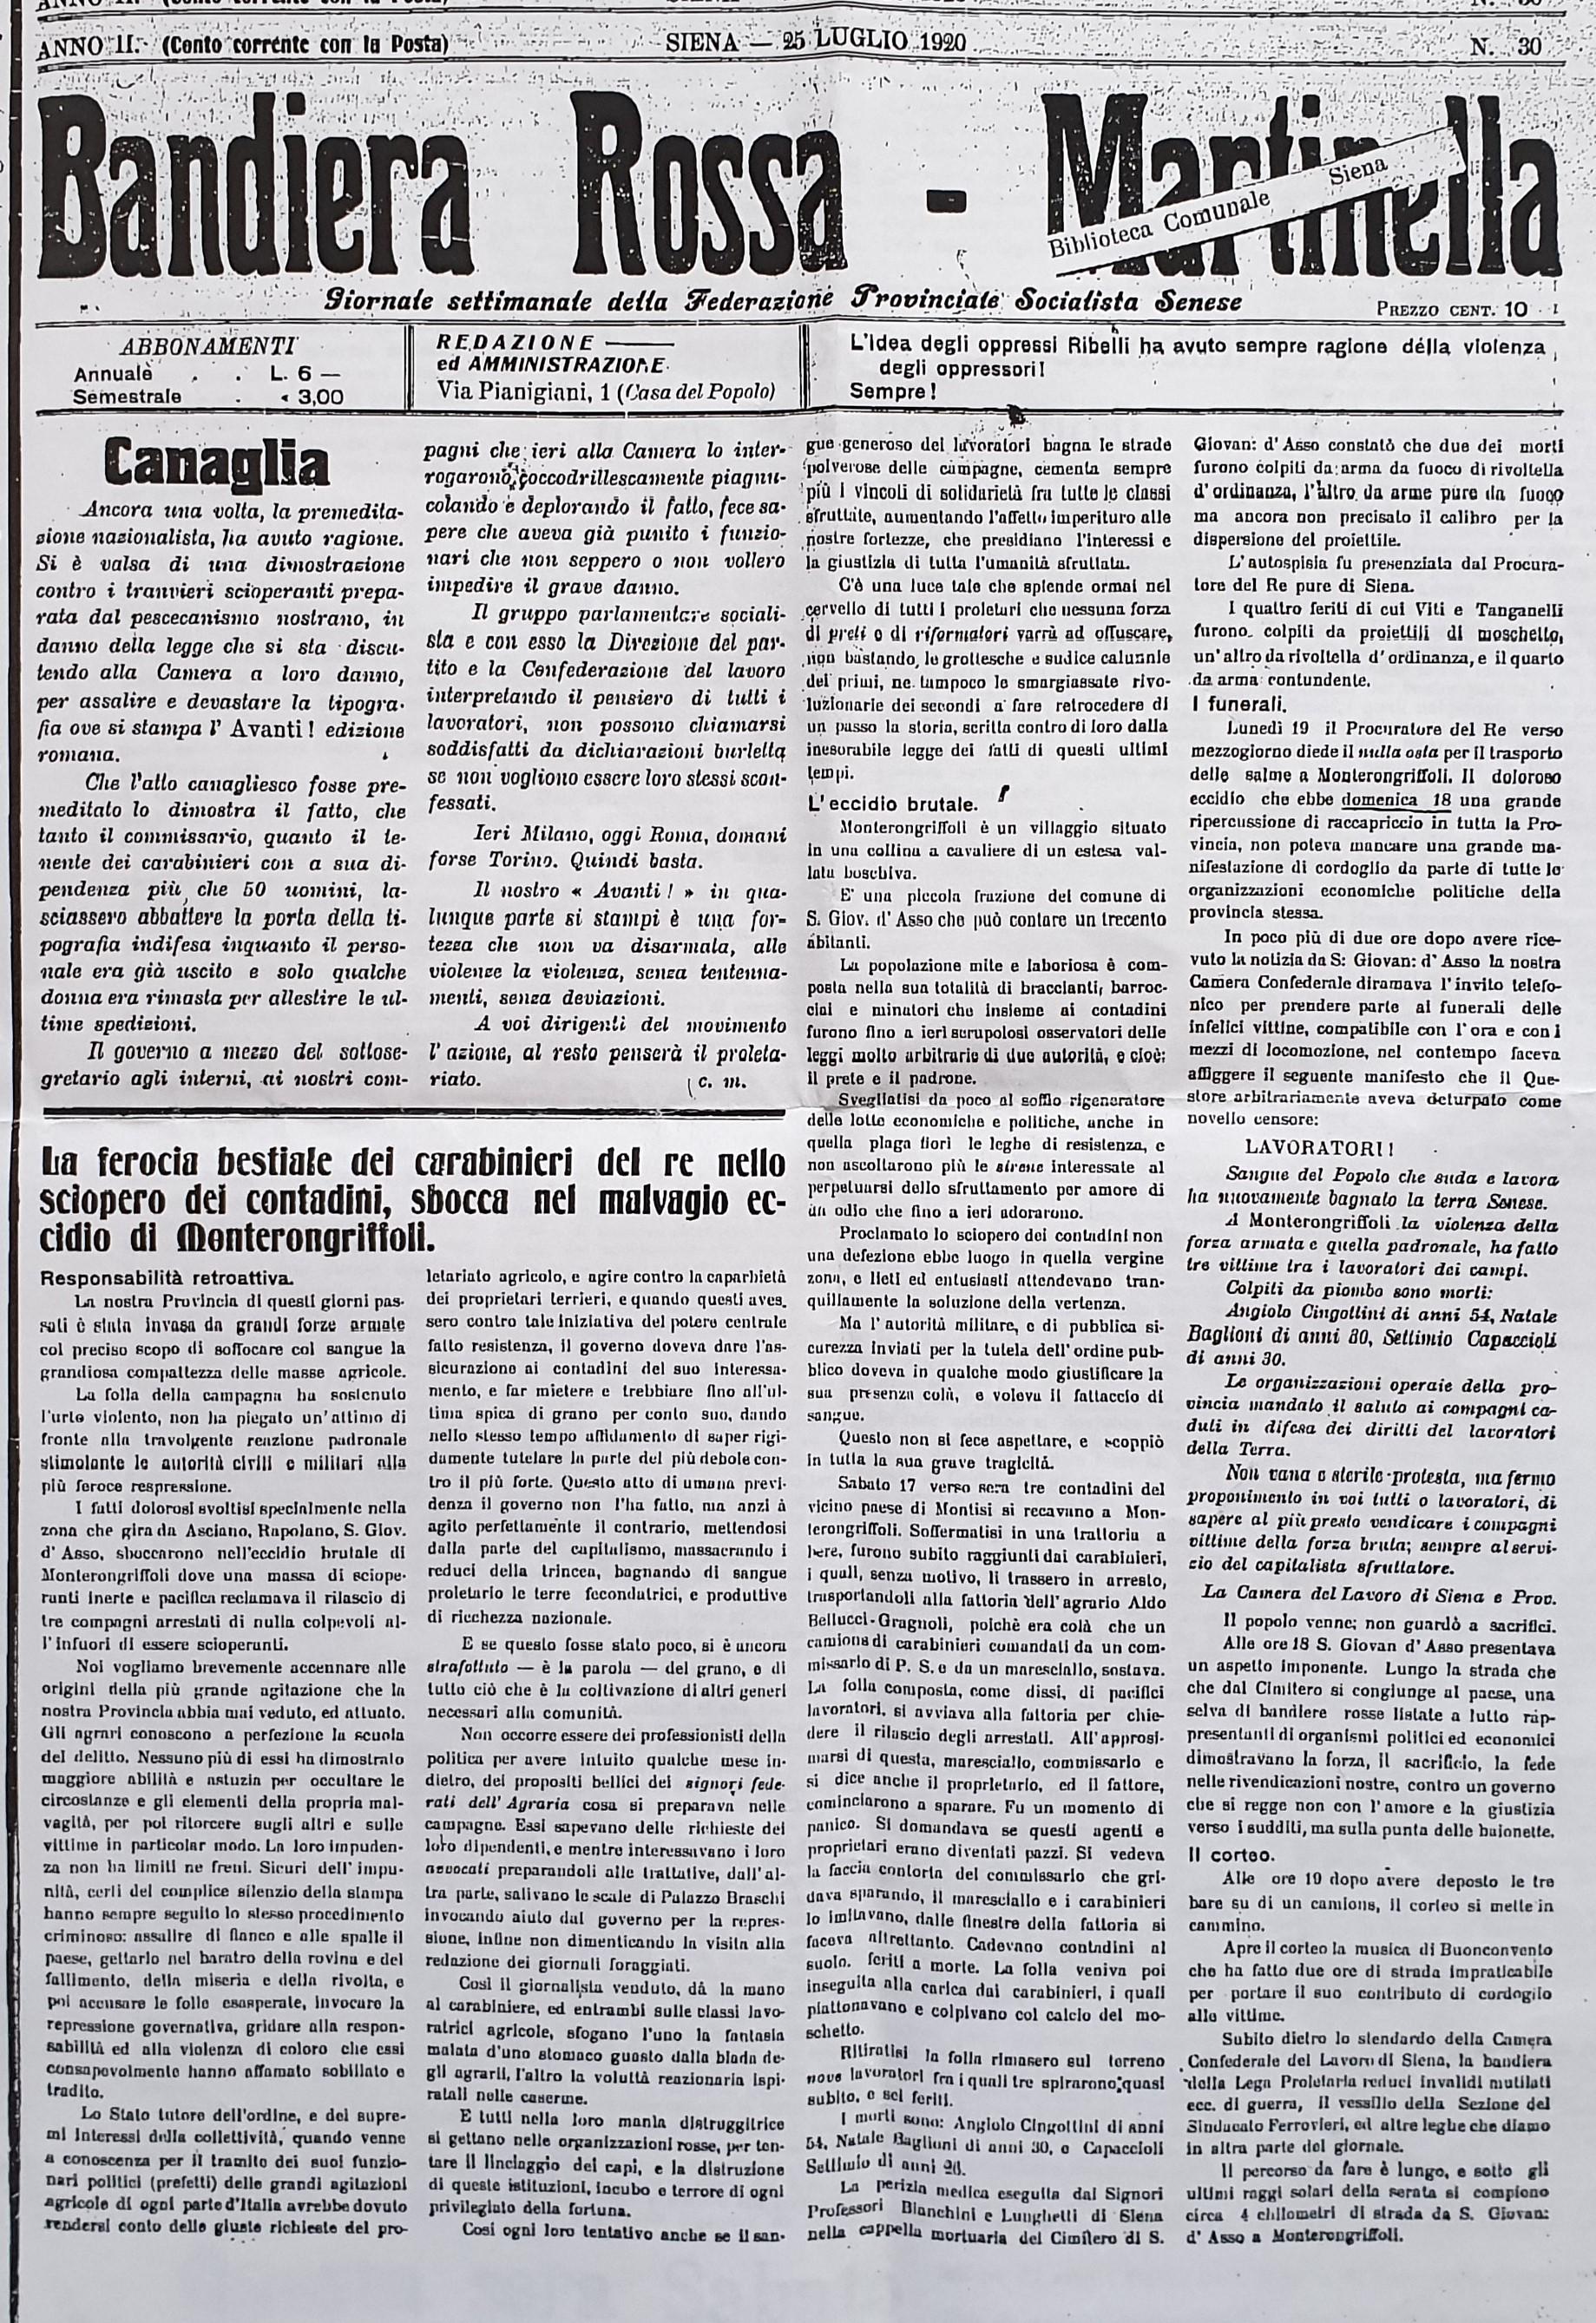 Bandiera Rossa Martinella 25 luglio 1920